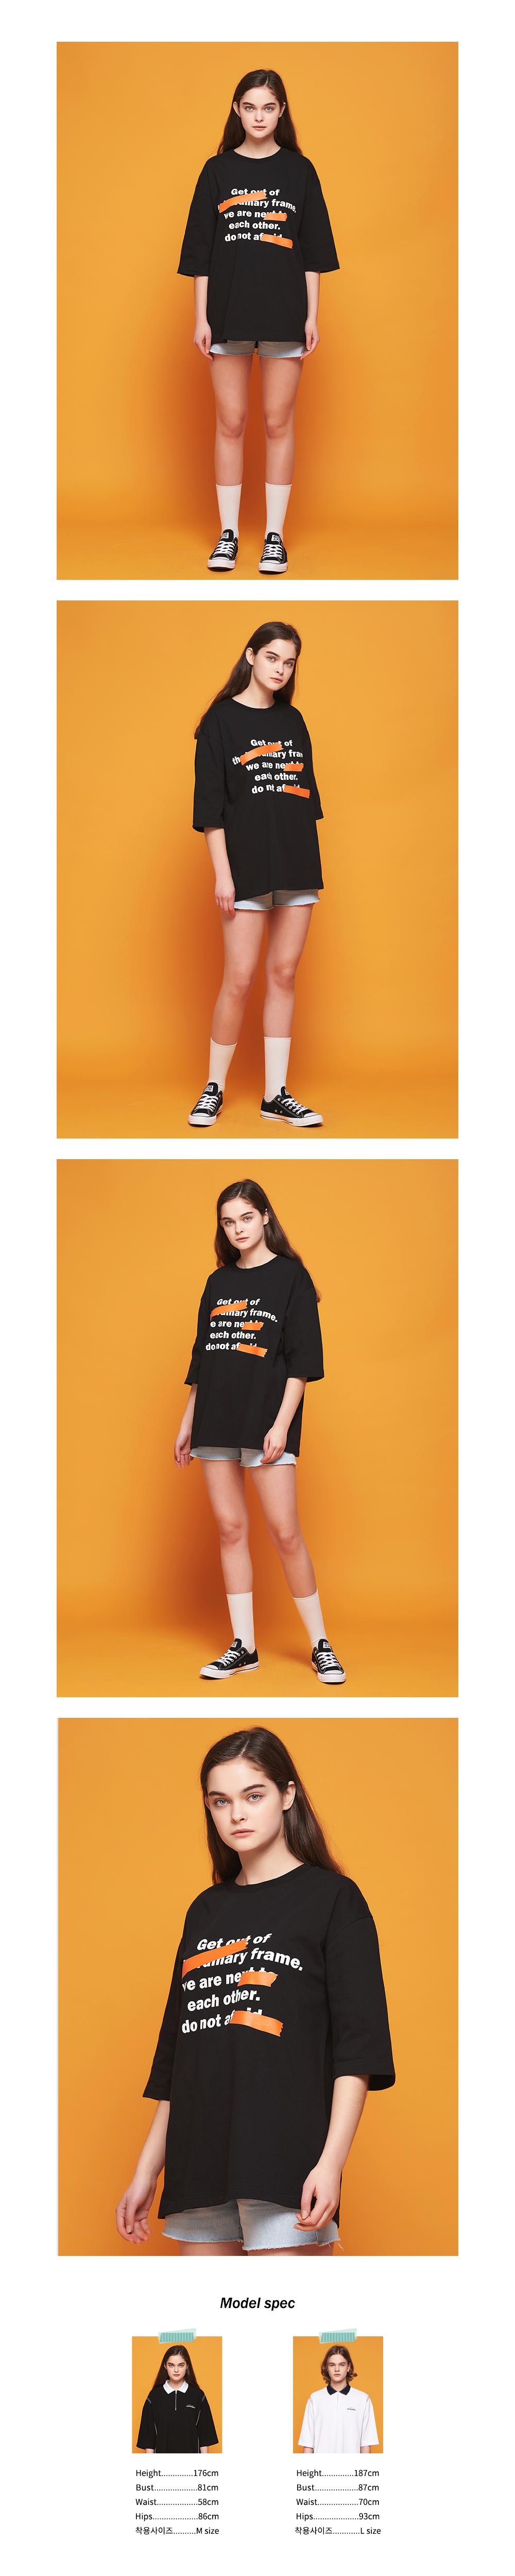 어나더프레임(ANOTHER FRAME) 컬러 테이프 7부 티셔츠 (블랙)